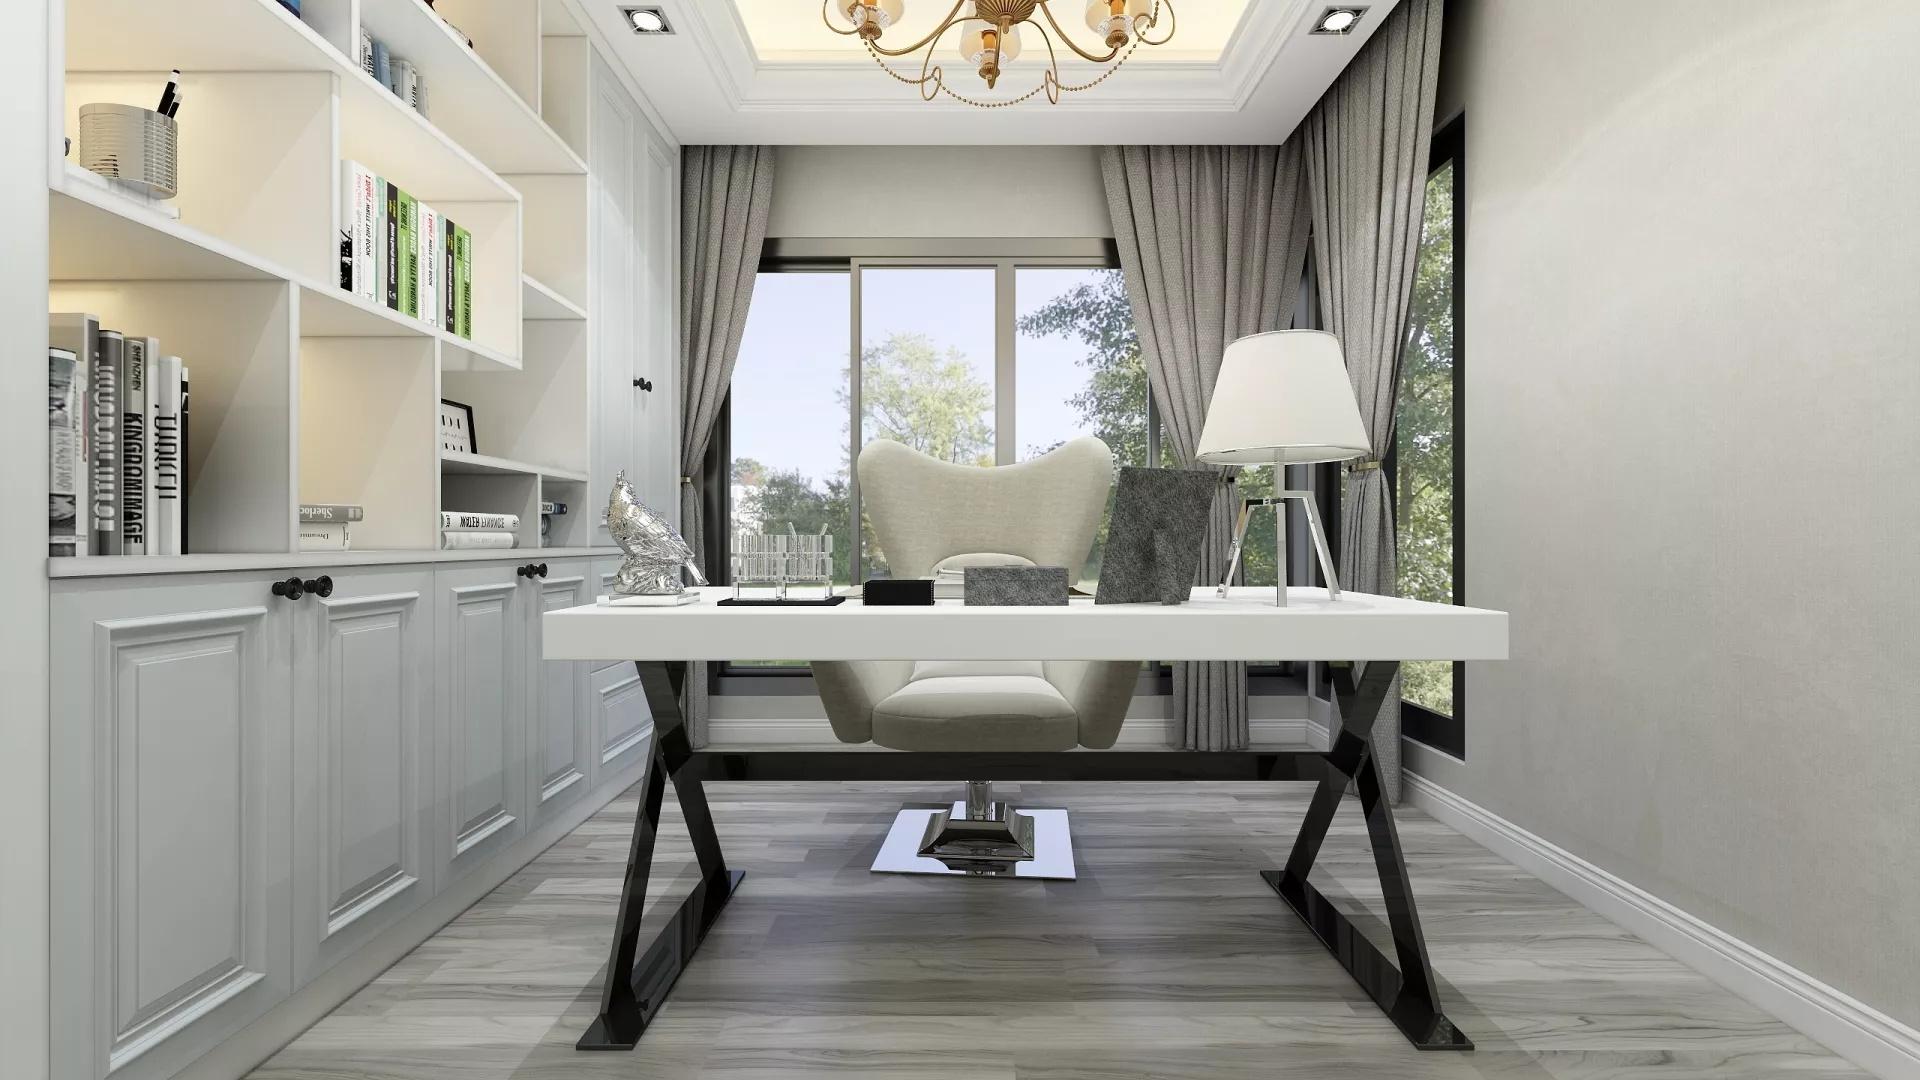 室内装饰风格有哪些 流行的室内装饰风格